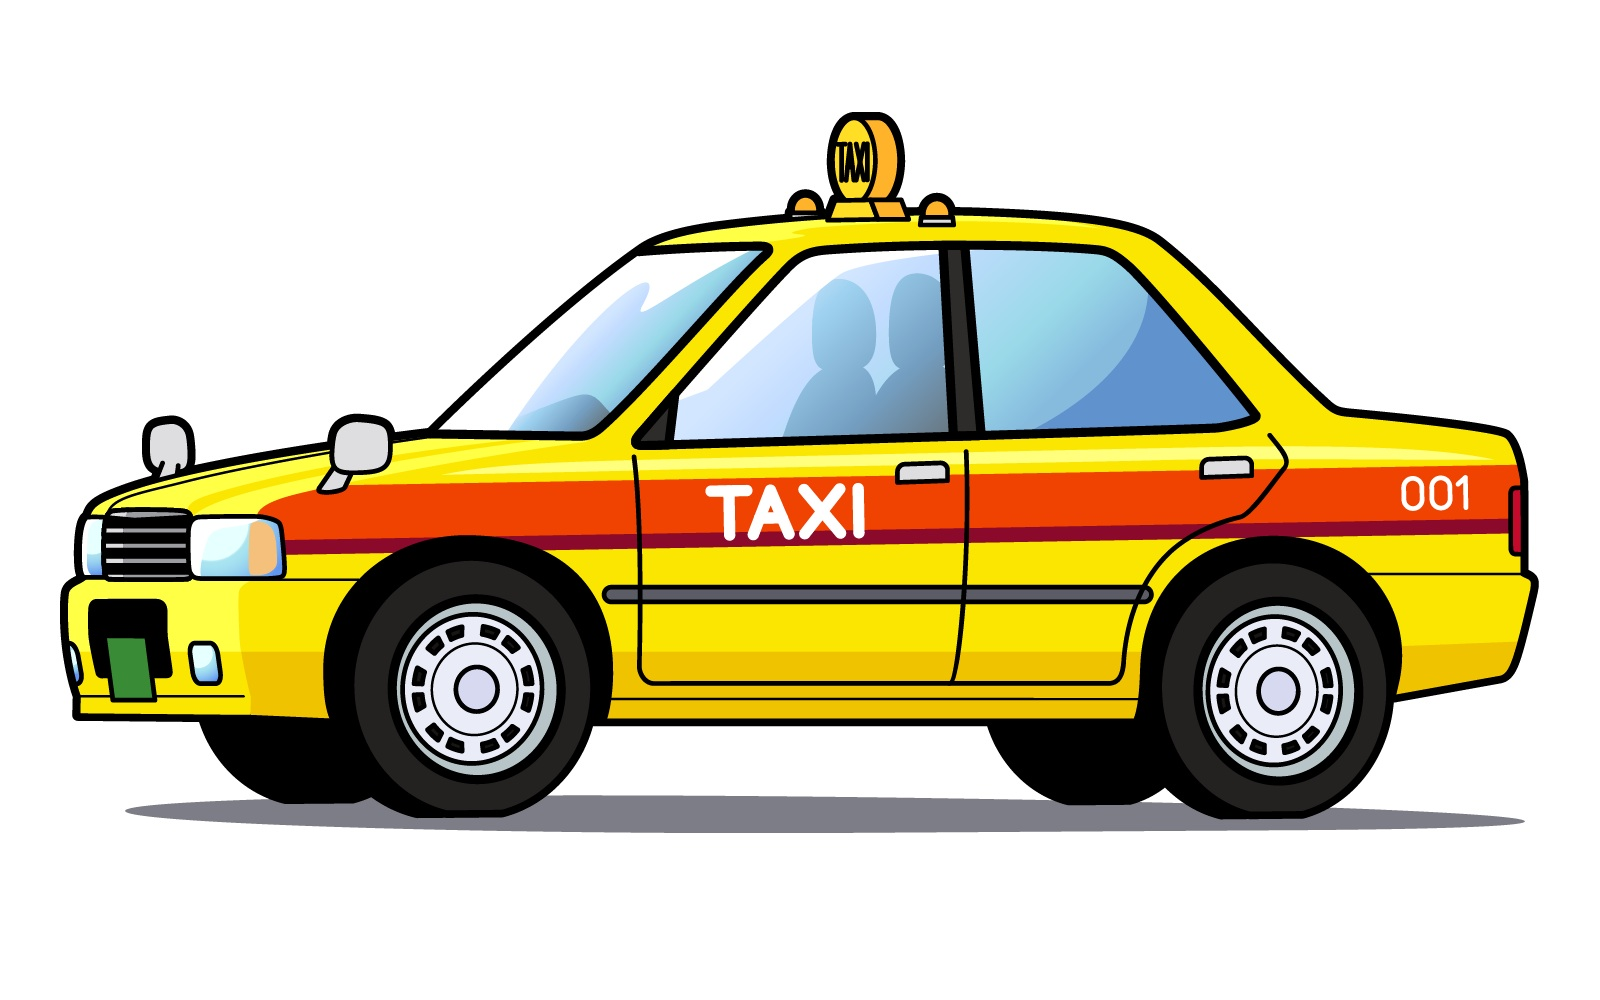 タクシー料金って高い!もっと値下げしてーー! のはてな